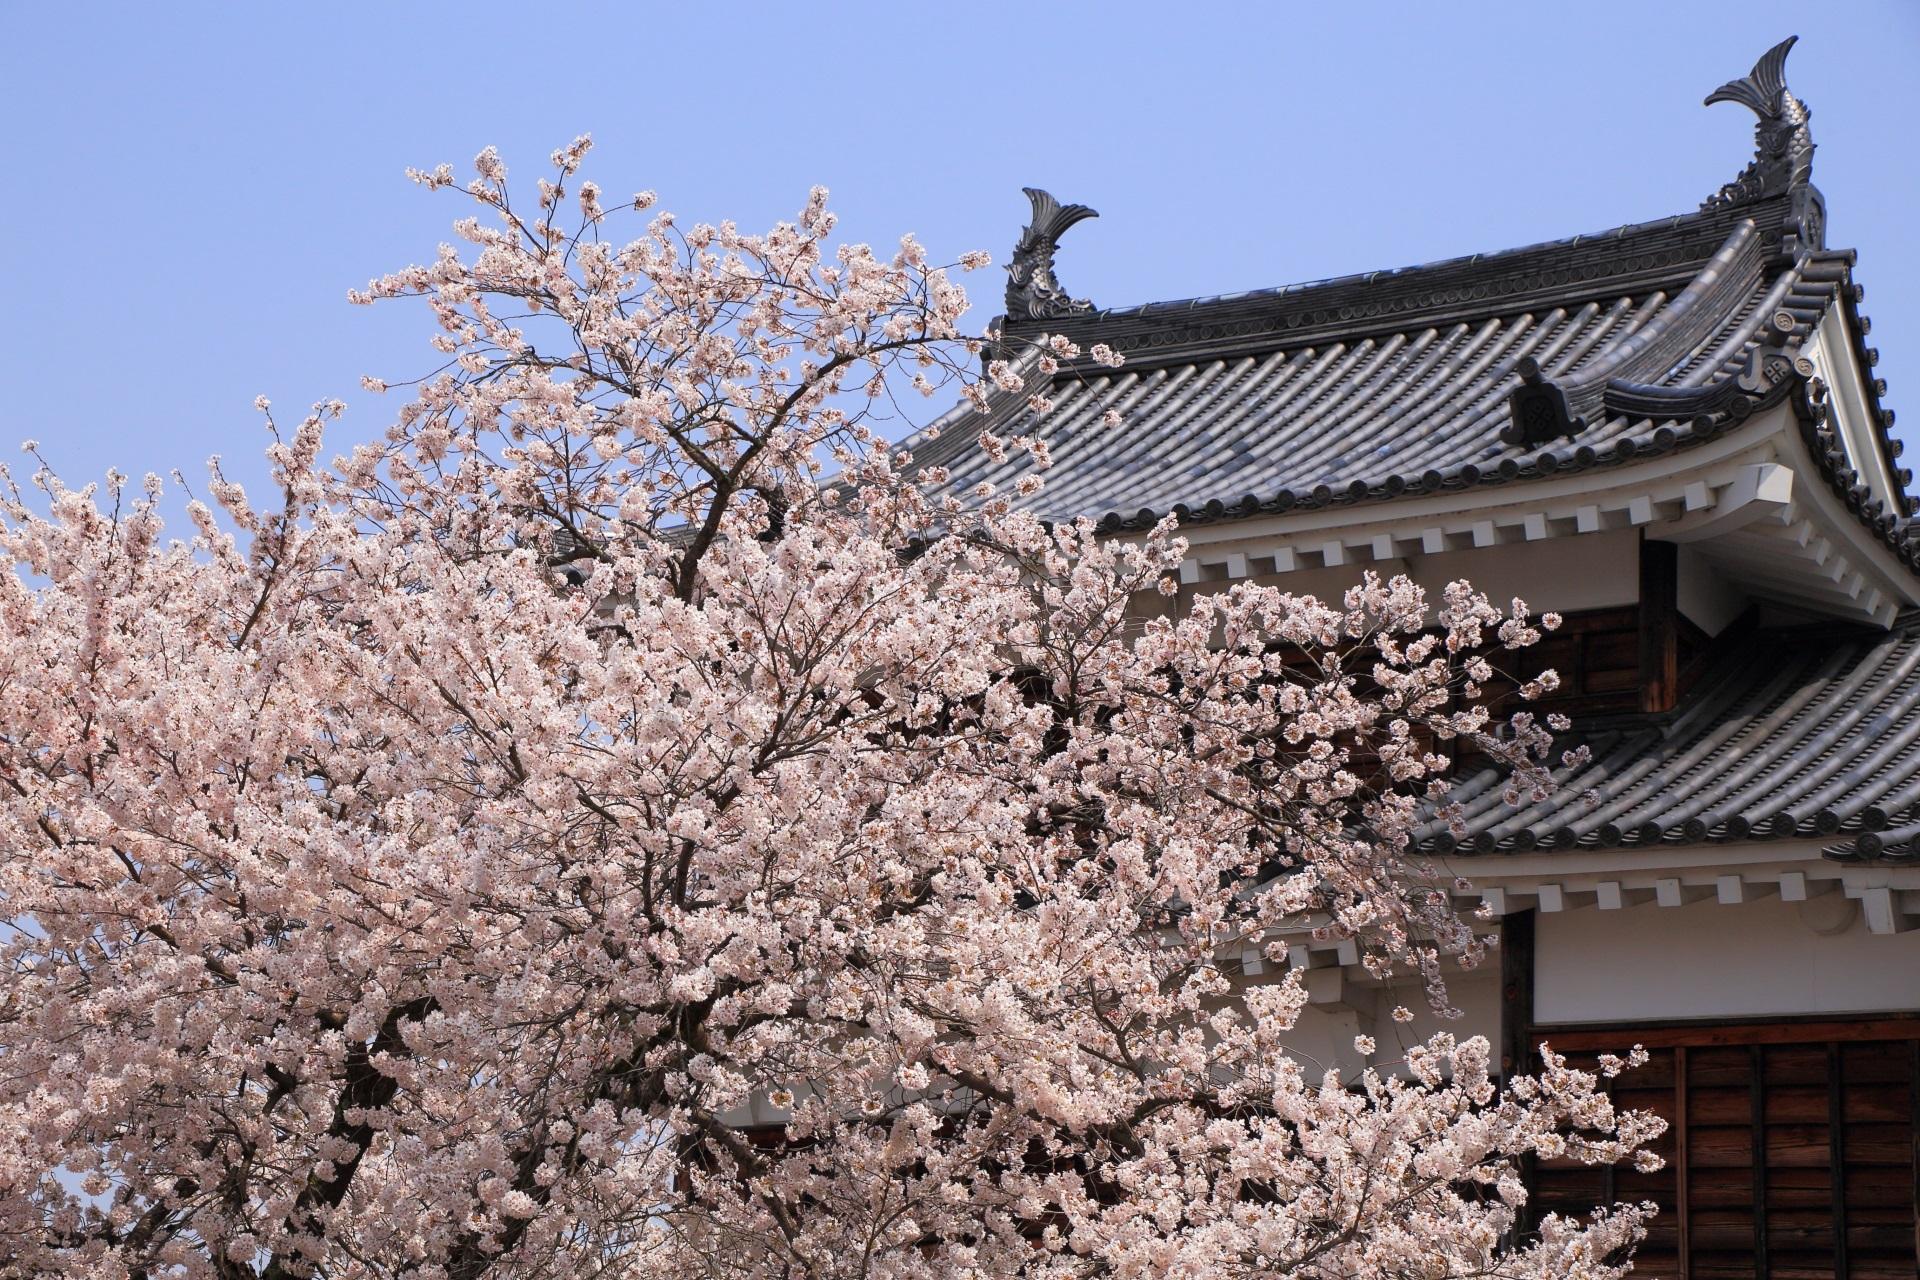 福知山城の天守を染める桜